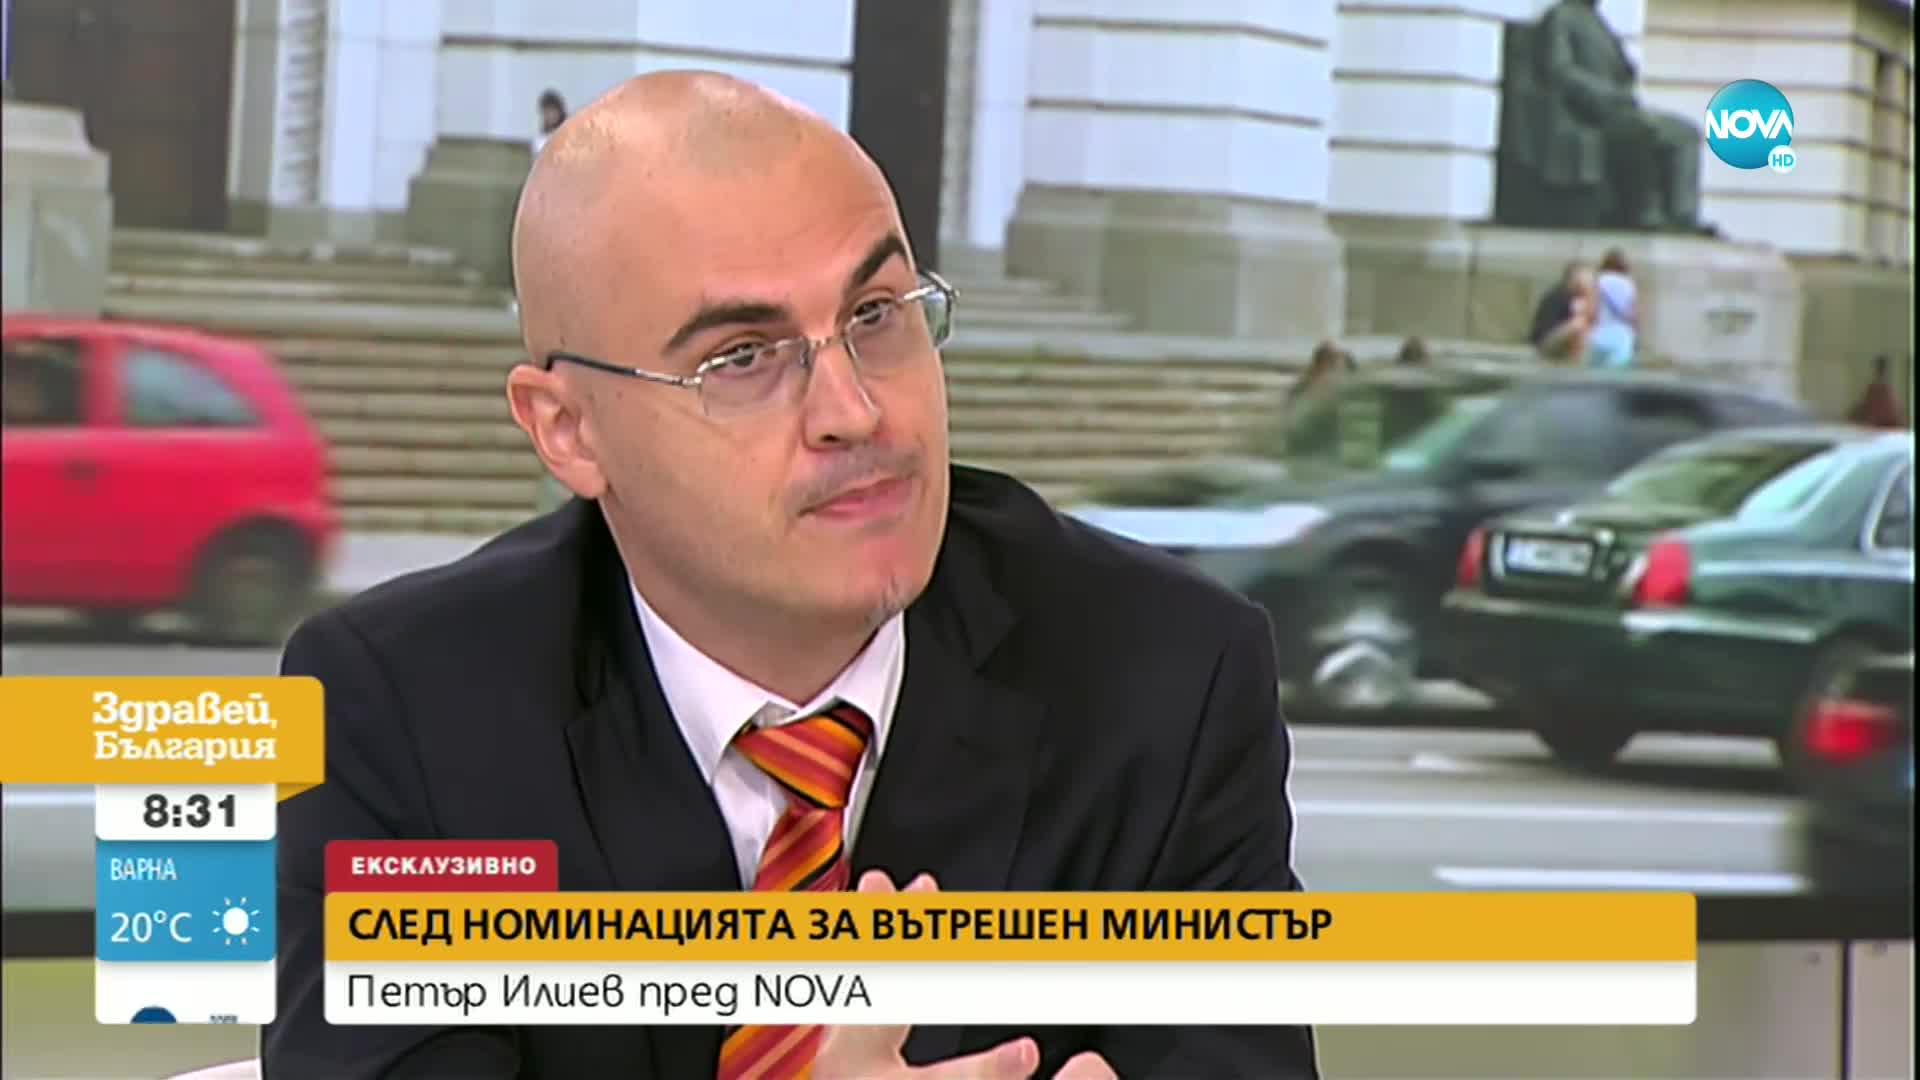 Петър Илиев: Знам пътя си и продължавам напред